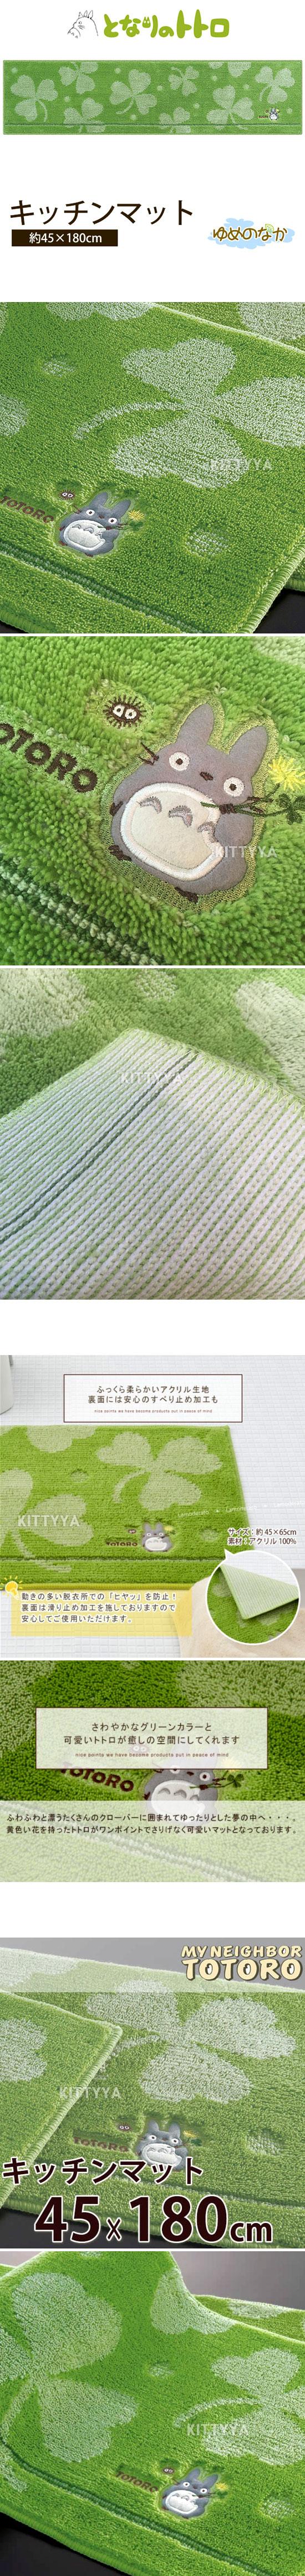 토토로 유메노나카 주방매트 (꿈속)(L) - 키티야, 68,770원, 디자인 발매트, 패턴